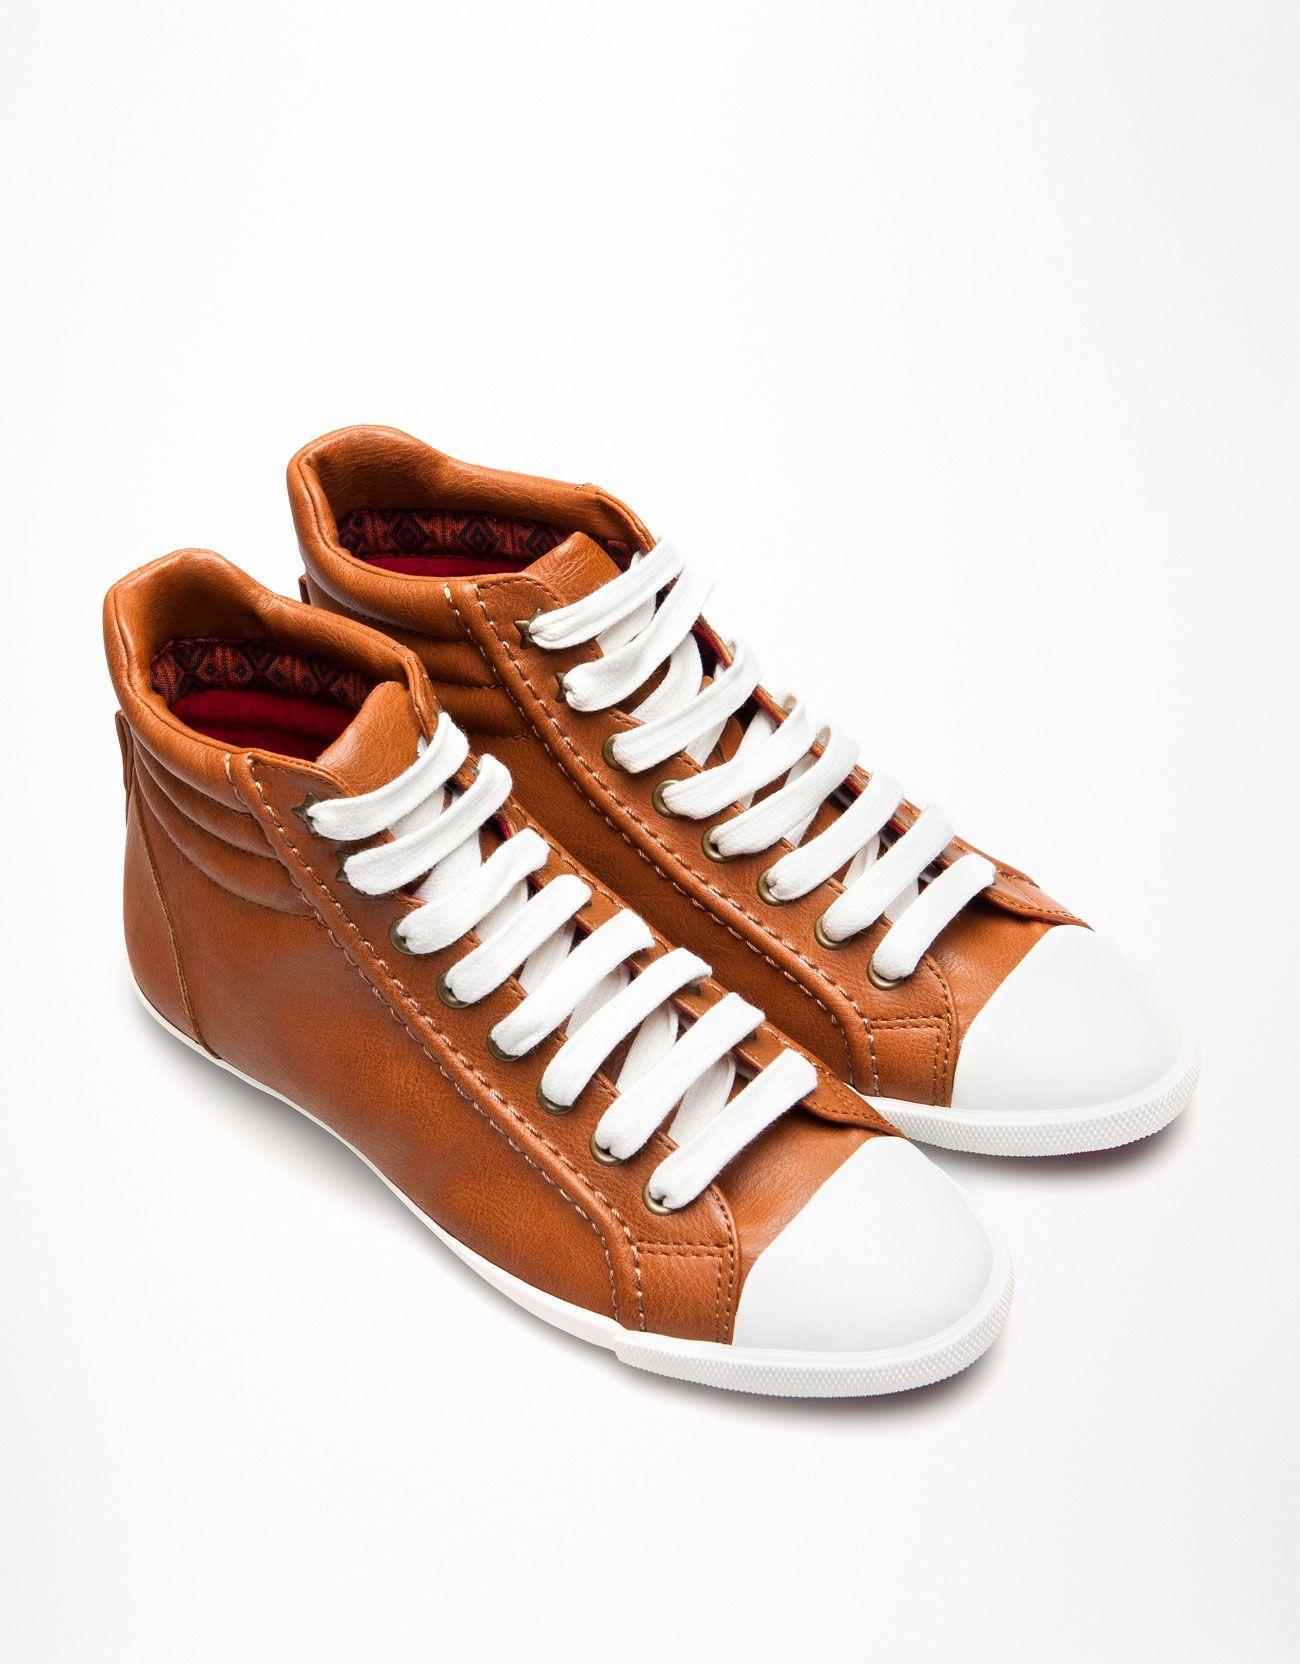 Bershka México Botín BSK BSK Botín básico acolchado o Zapatos 391a97